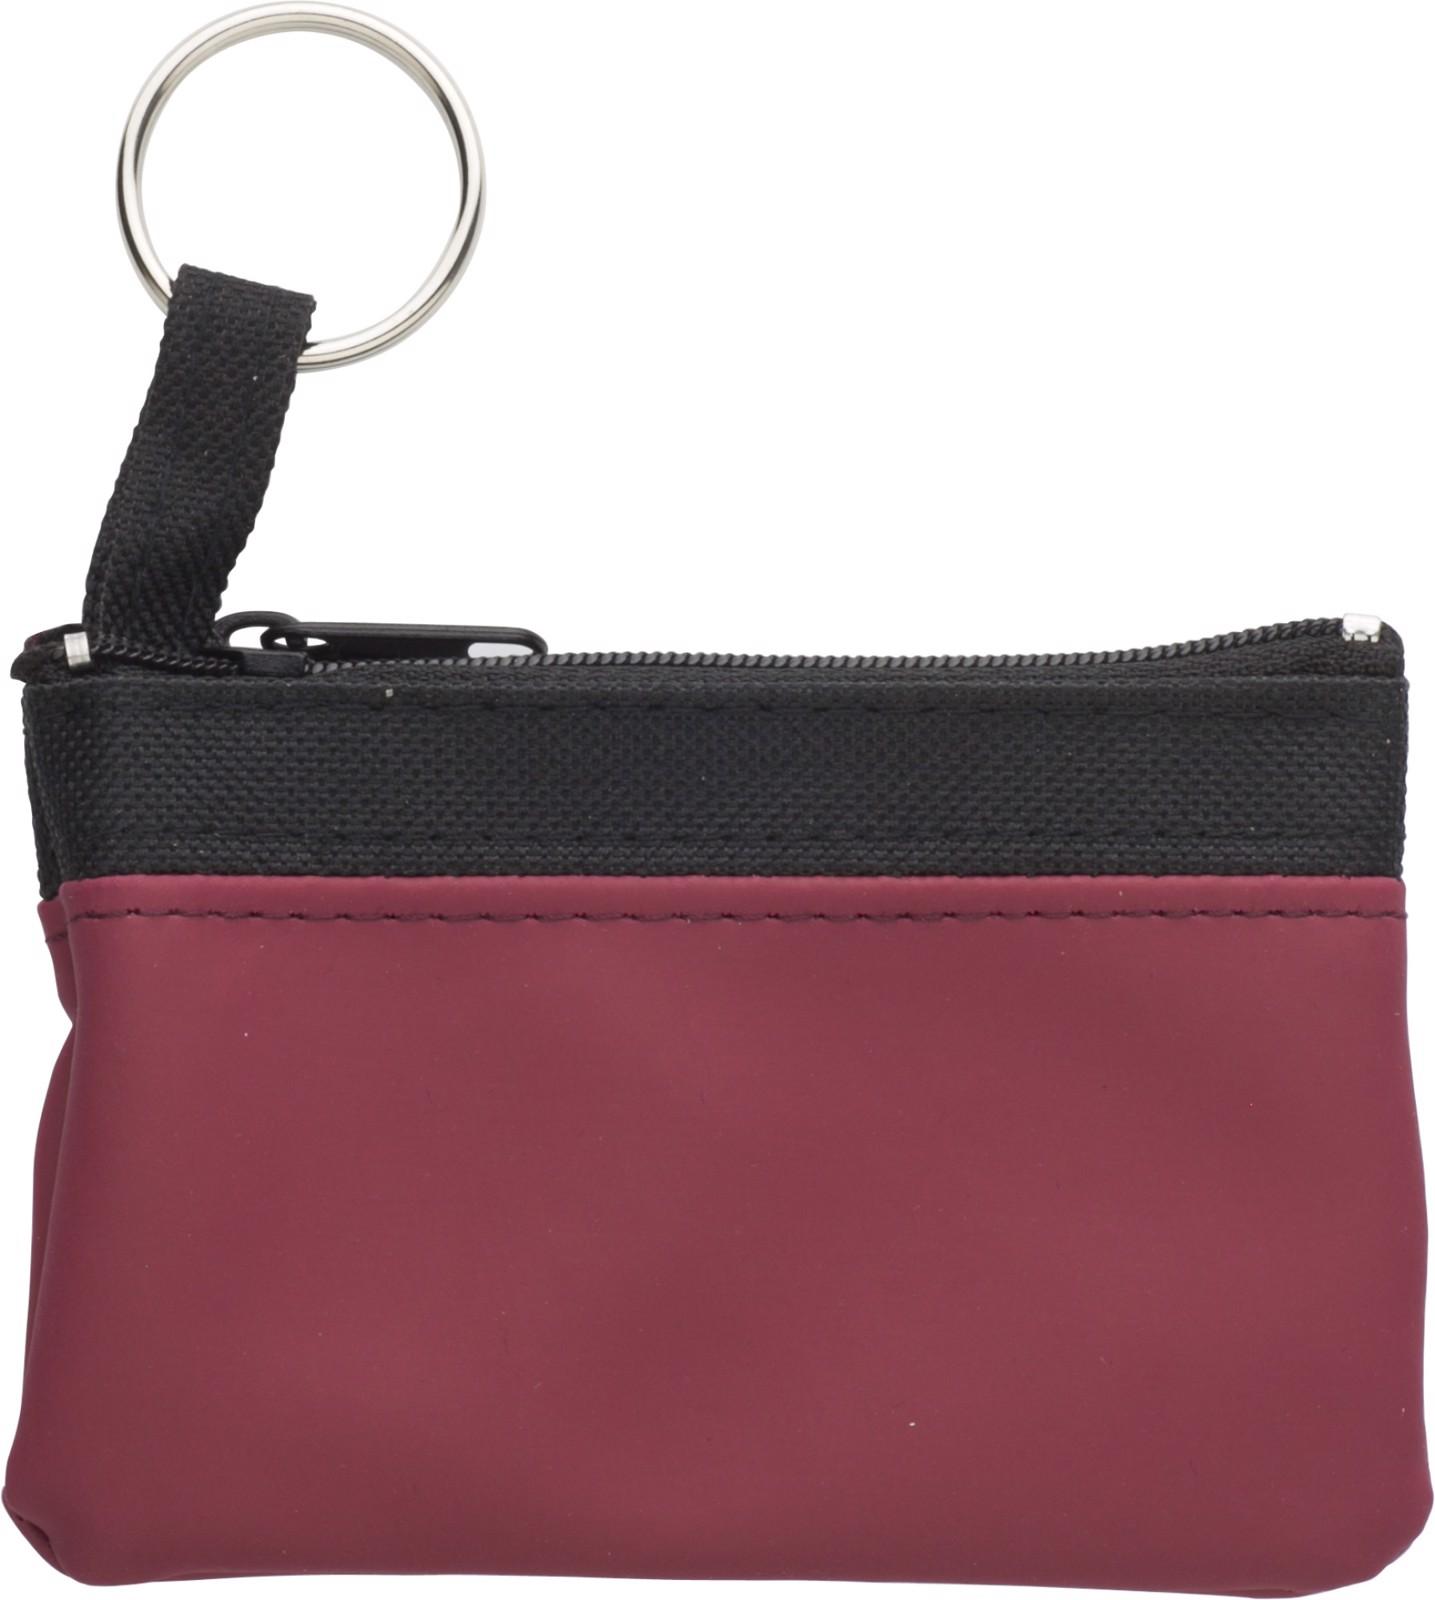 Nylon (600D) key wallet - Burgundy